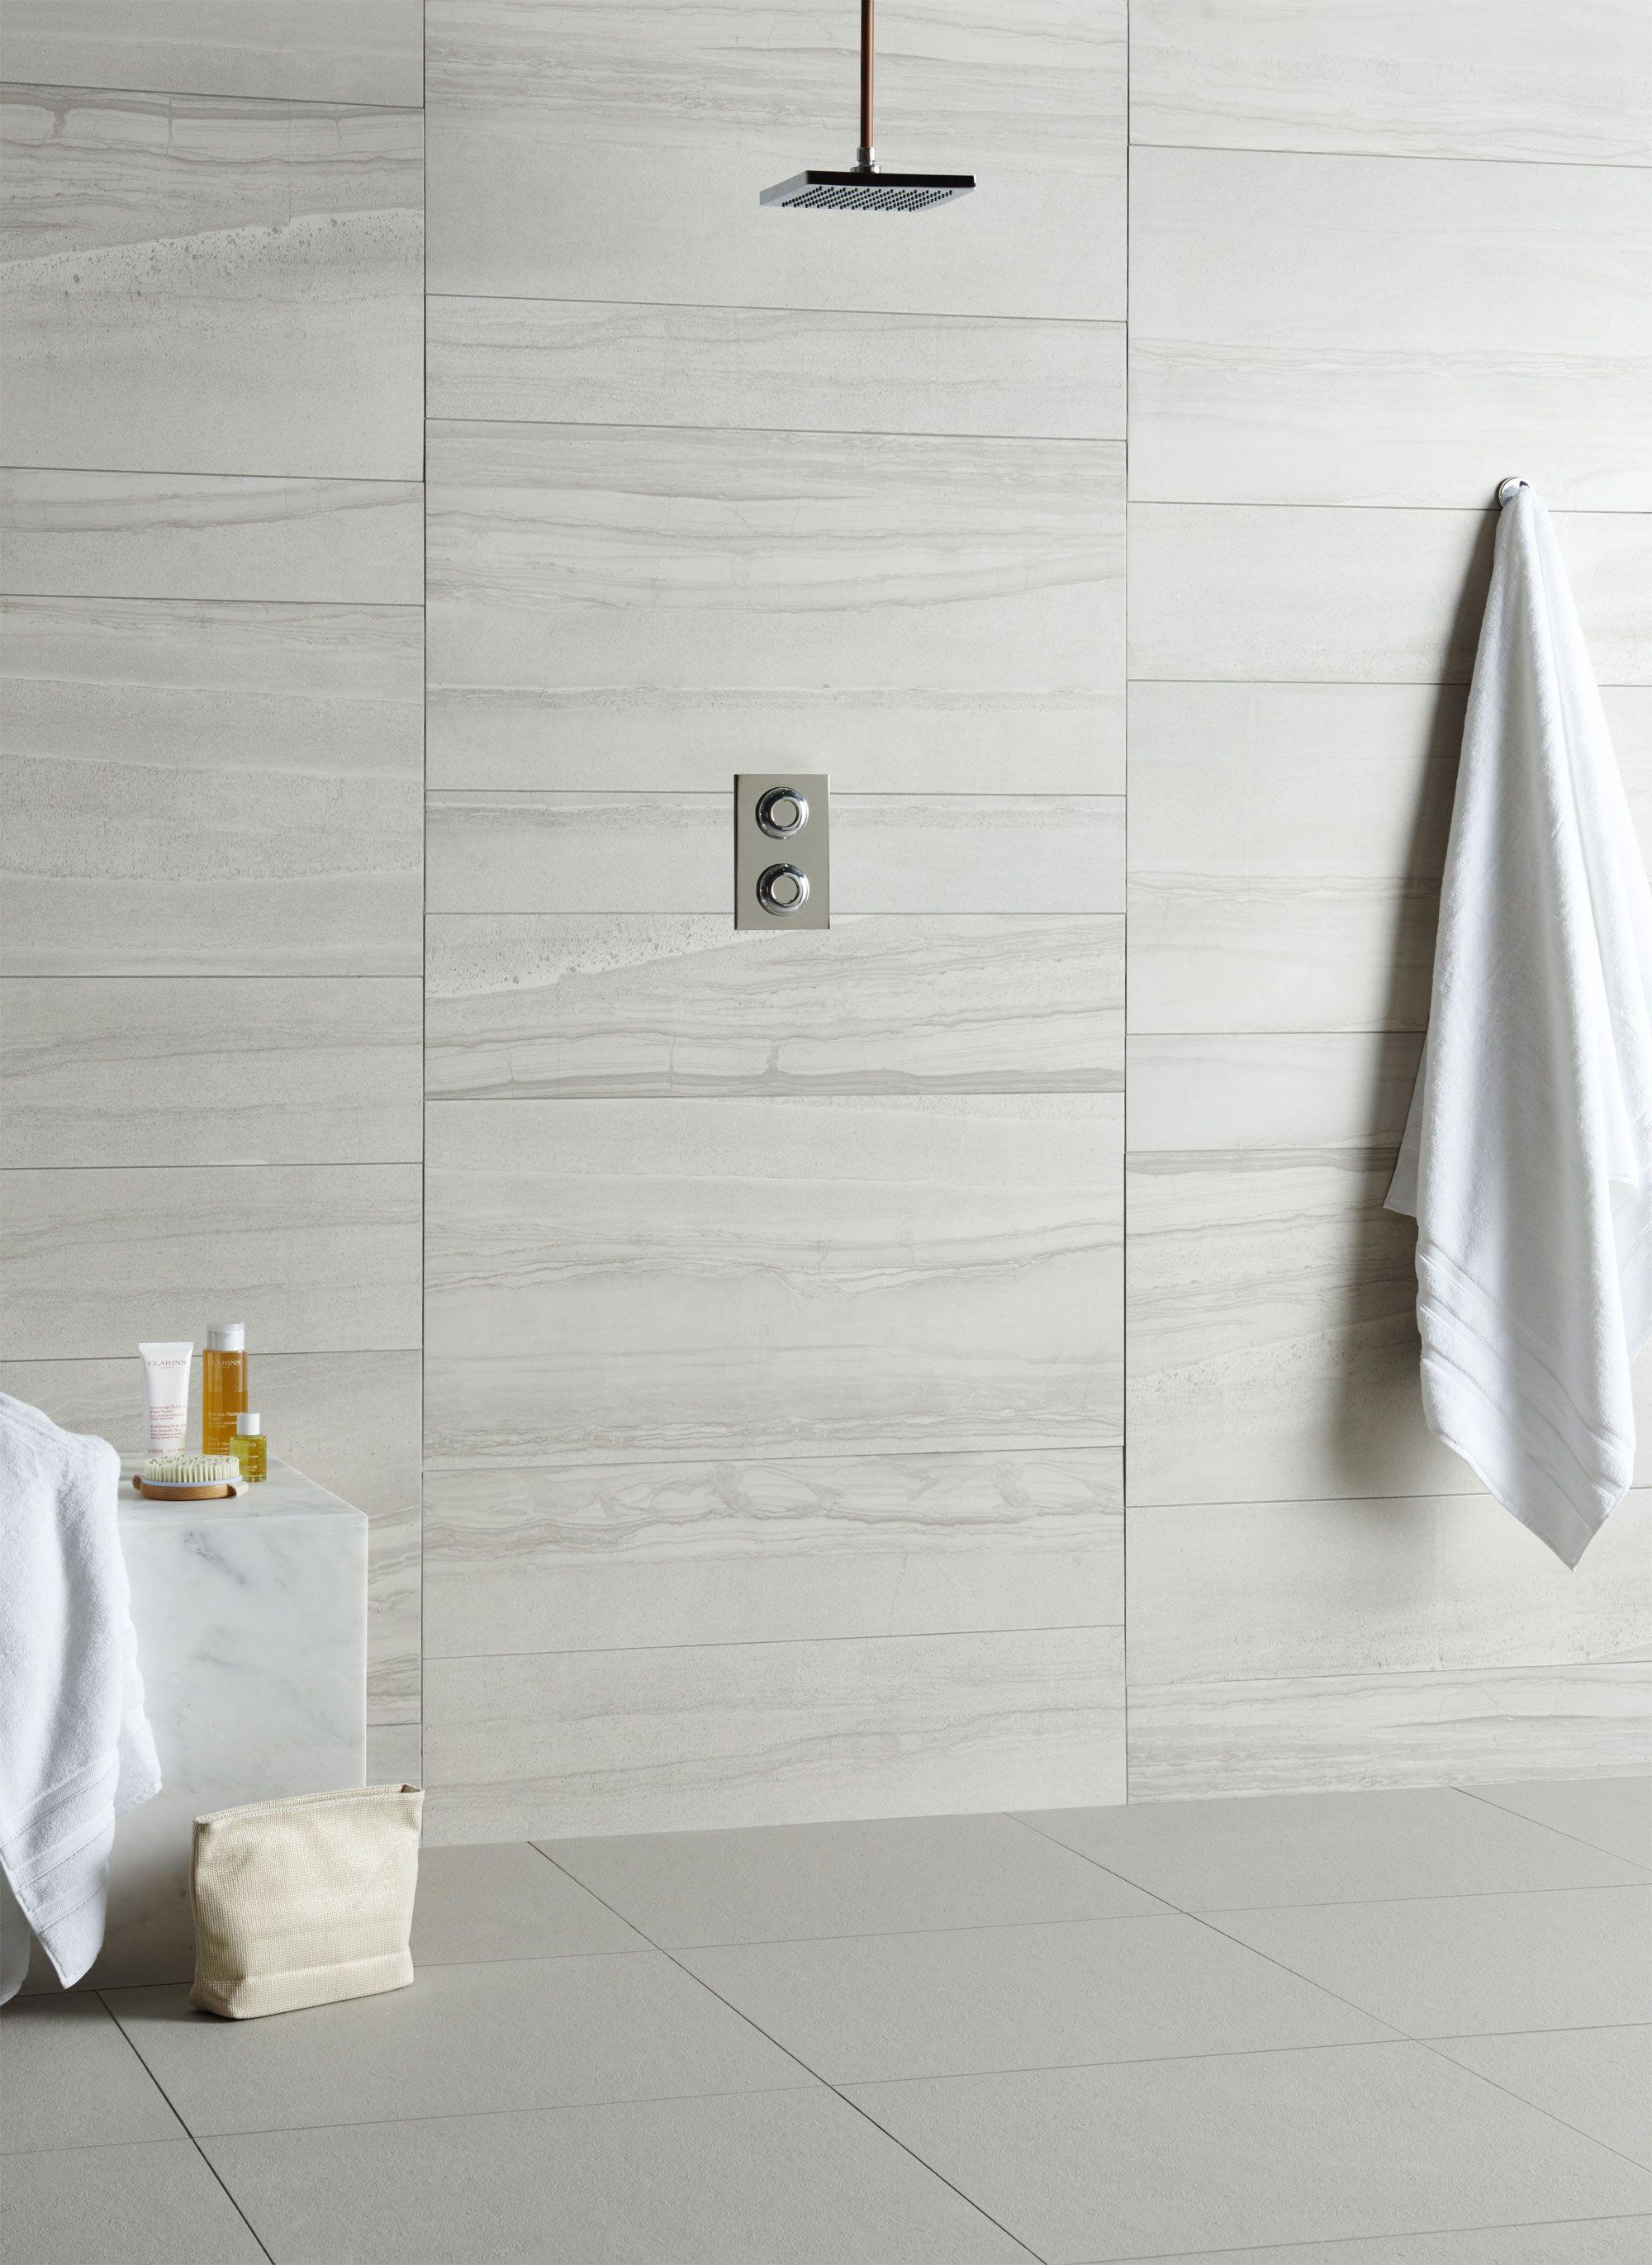 Amelia White Porcelain Tile | Pinterest | Amelia, Walls and Grey tiles